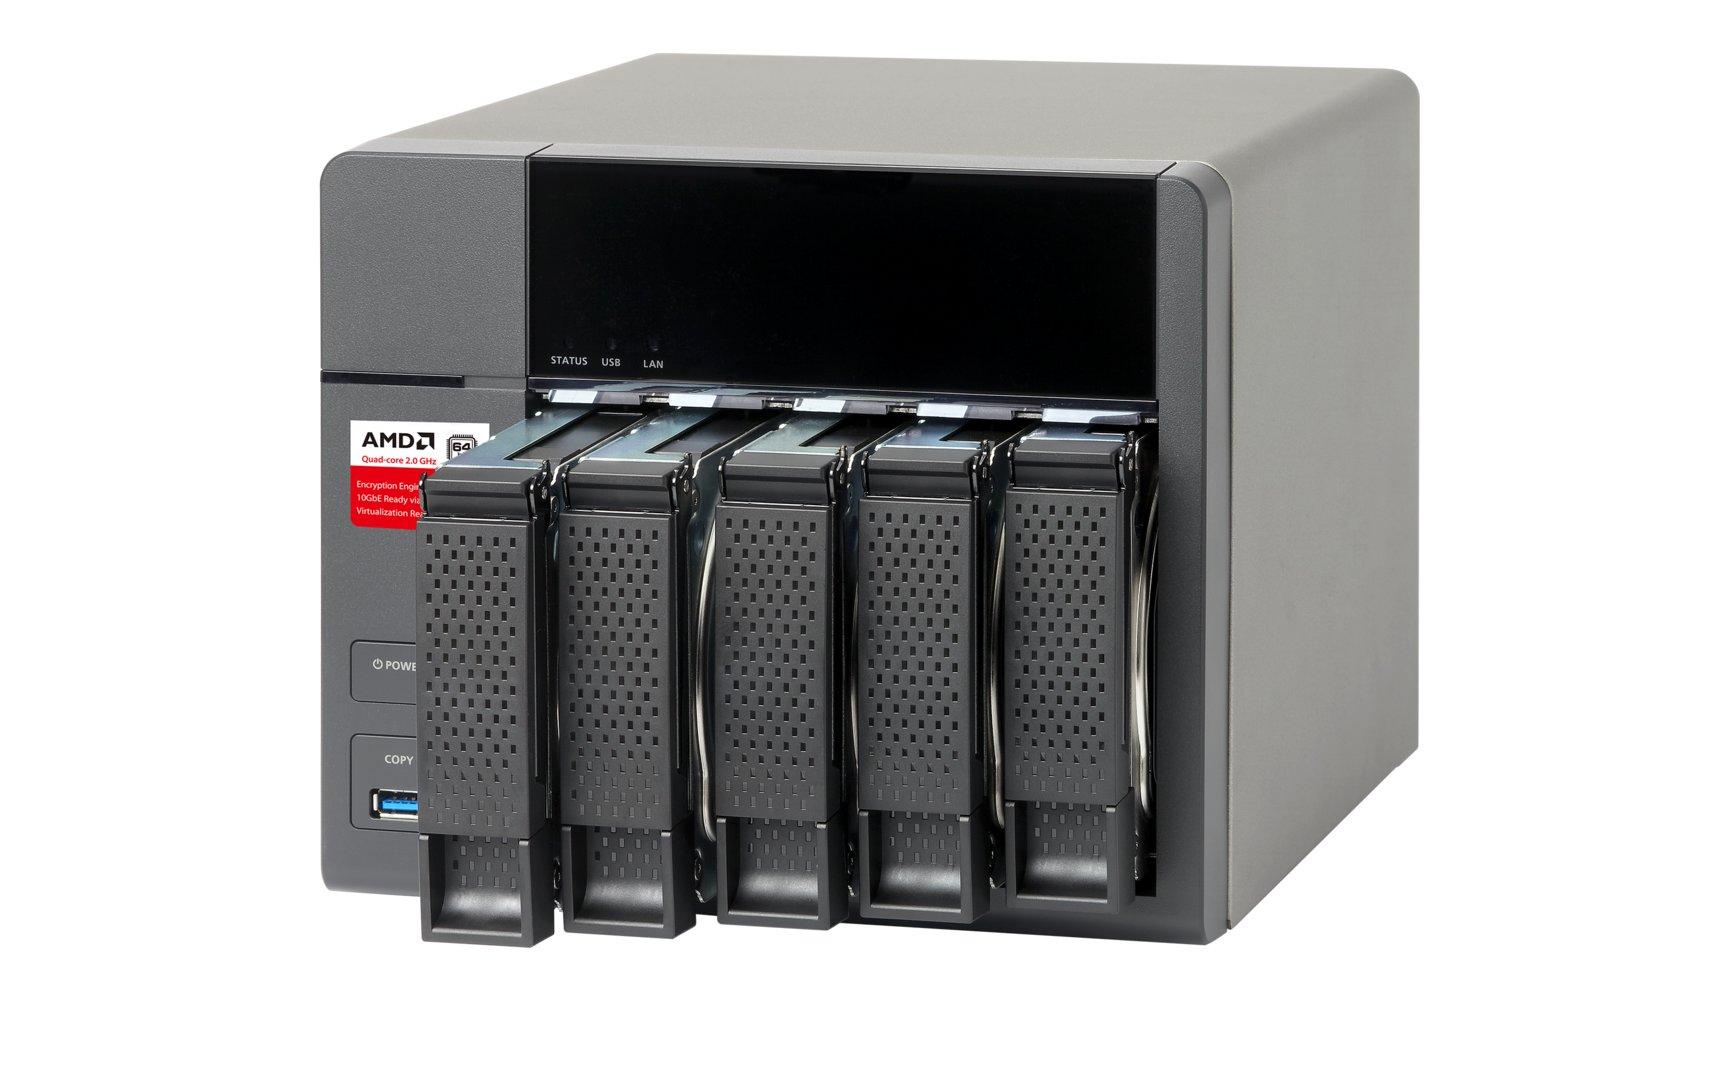 QNAP TS-563 – Netzwerkspeicher mit fünf Festplatteneinschüben